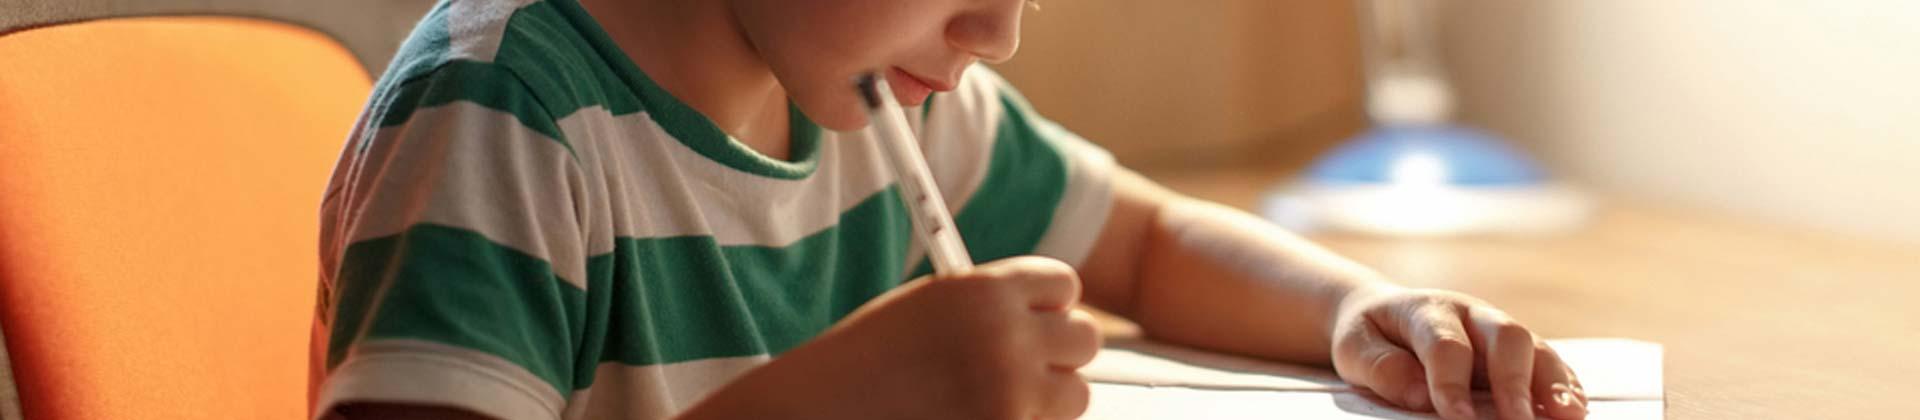 על הספקטרום: לימודי אוטיזם - קורסי פיתוח והכשרה